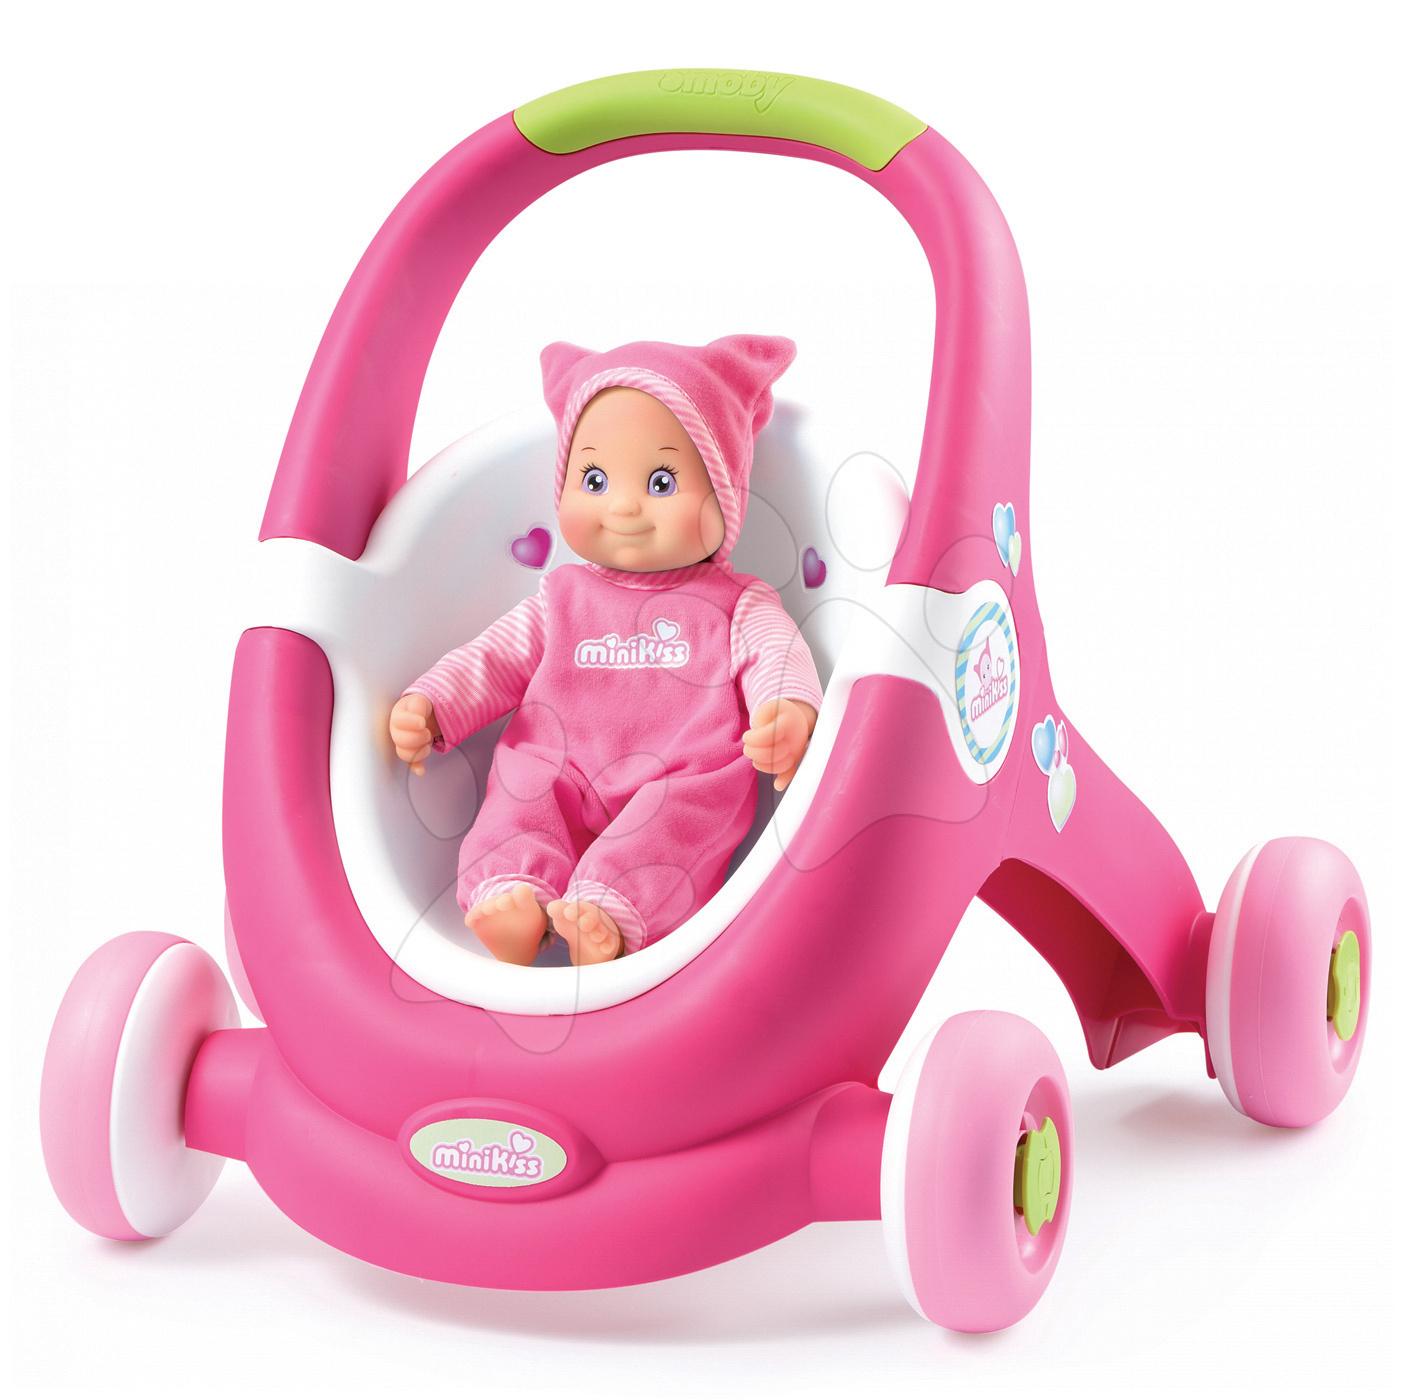 Chodítko a kočárek pro panenku 2v1 MiniKiss Smoby s brzdou od 12 měsíců